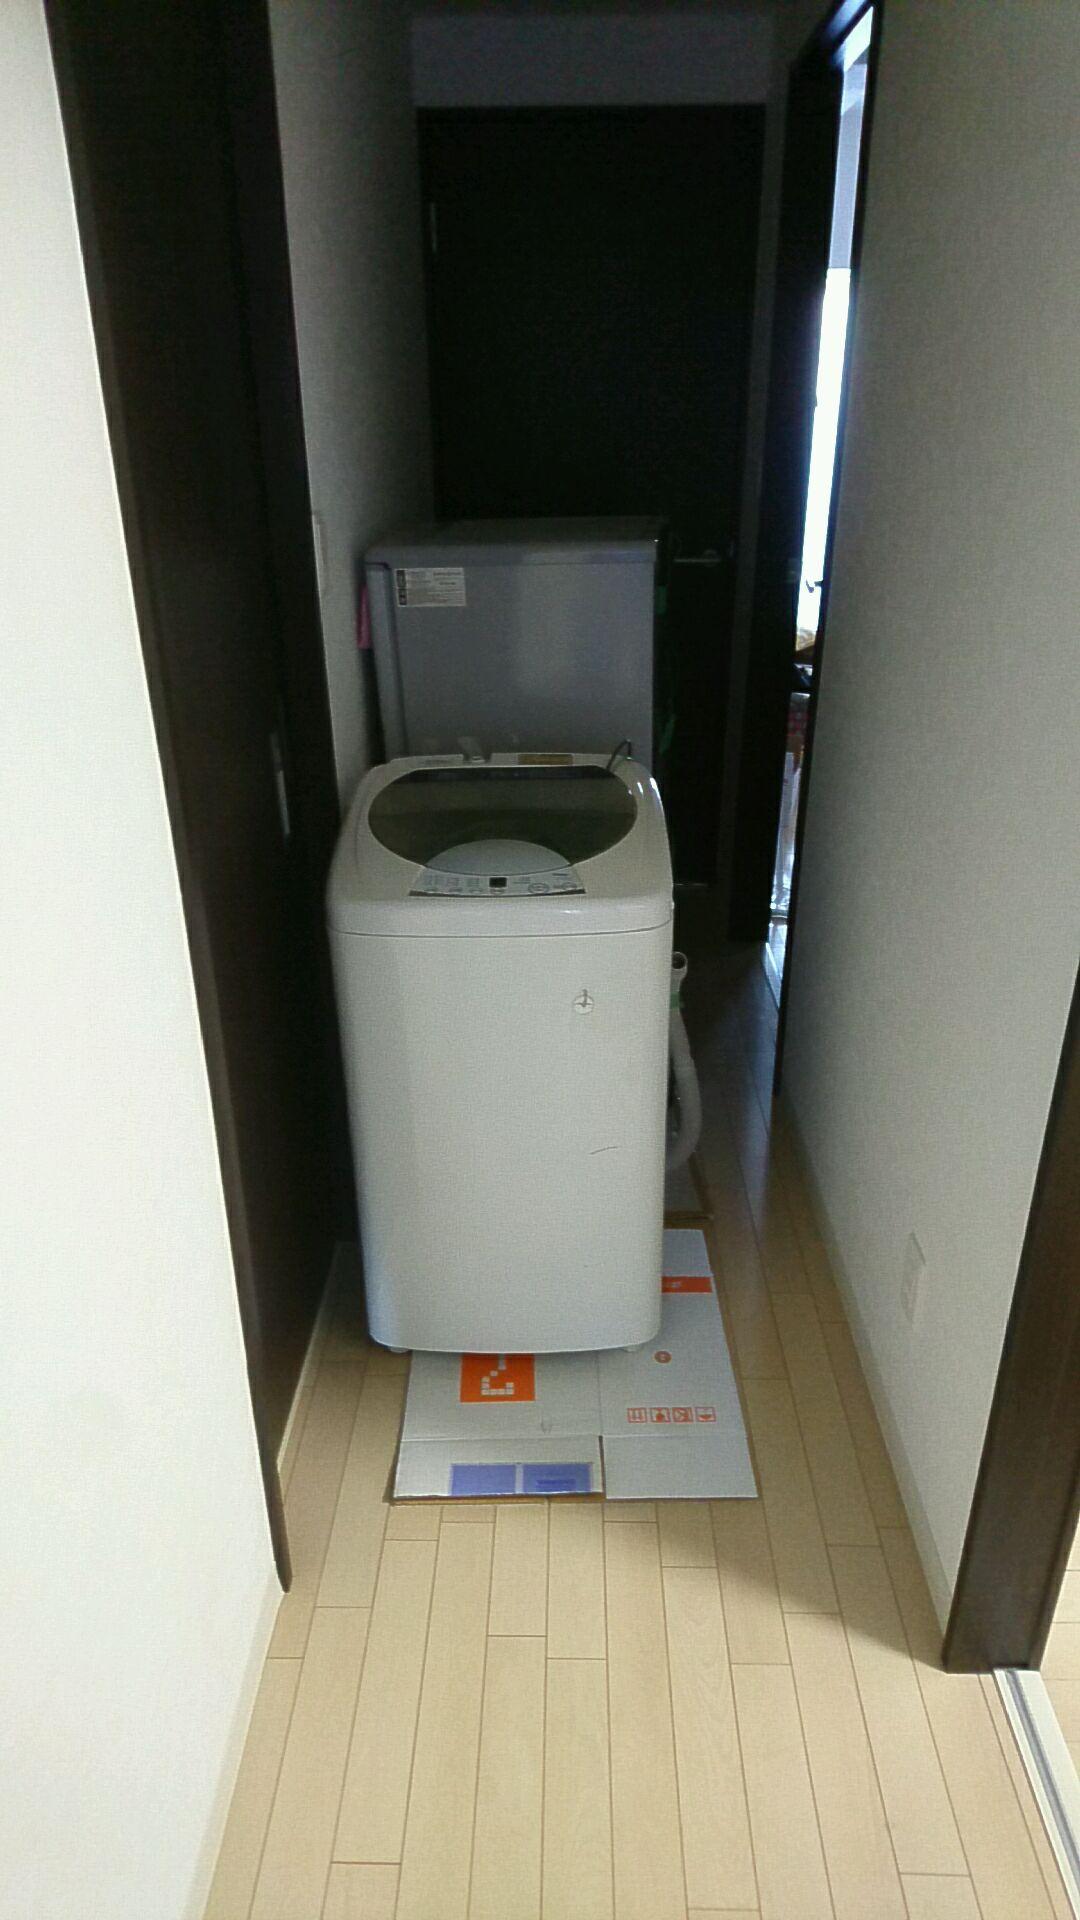 洗濯機と冷蔵庫の出張回収